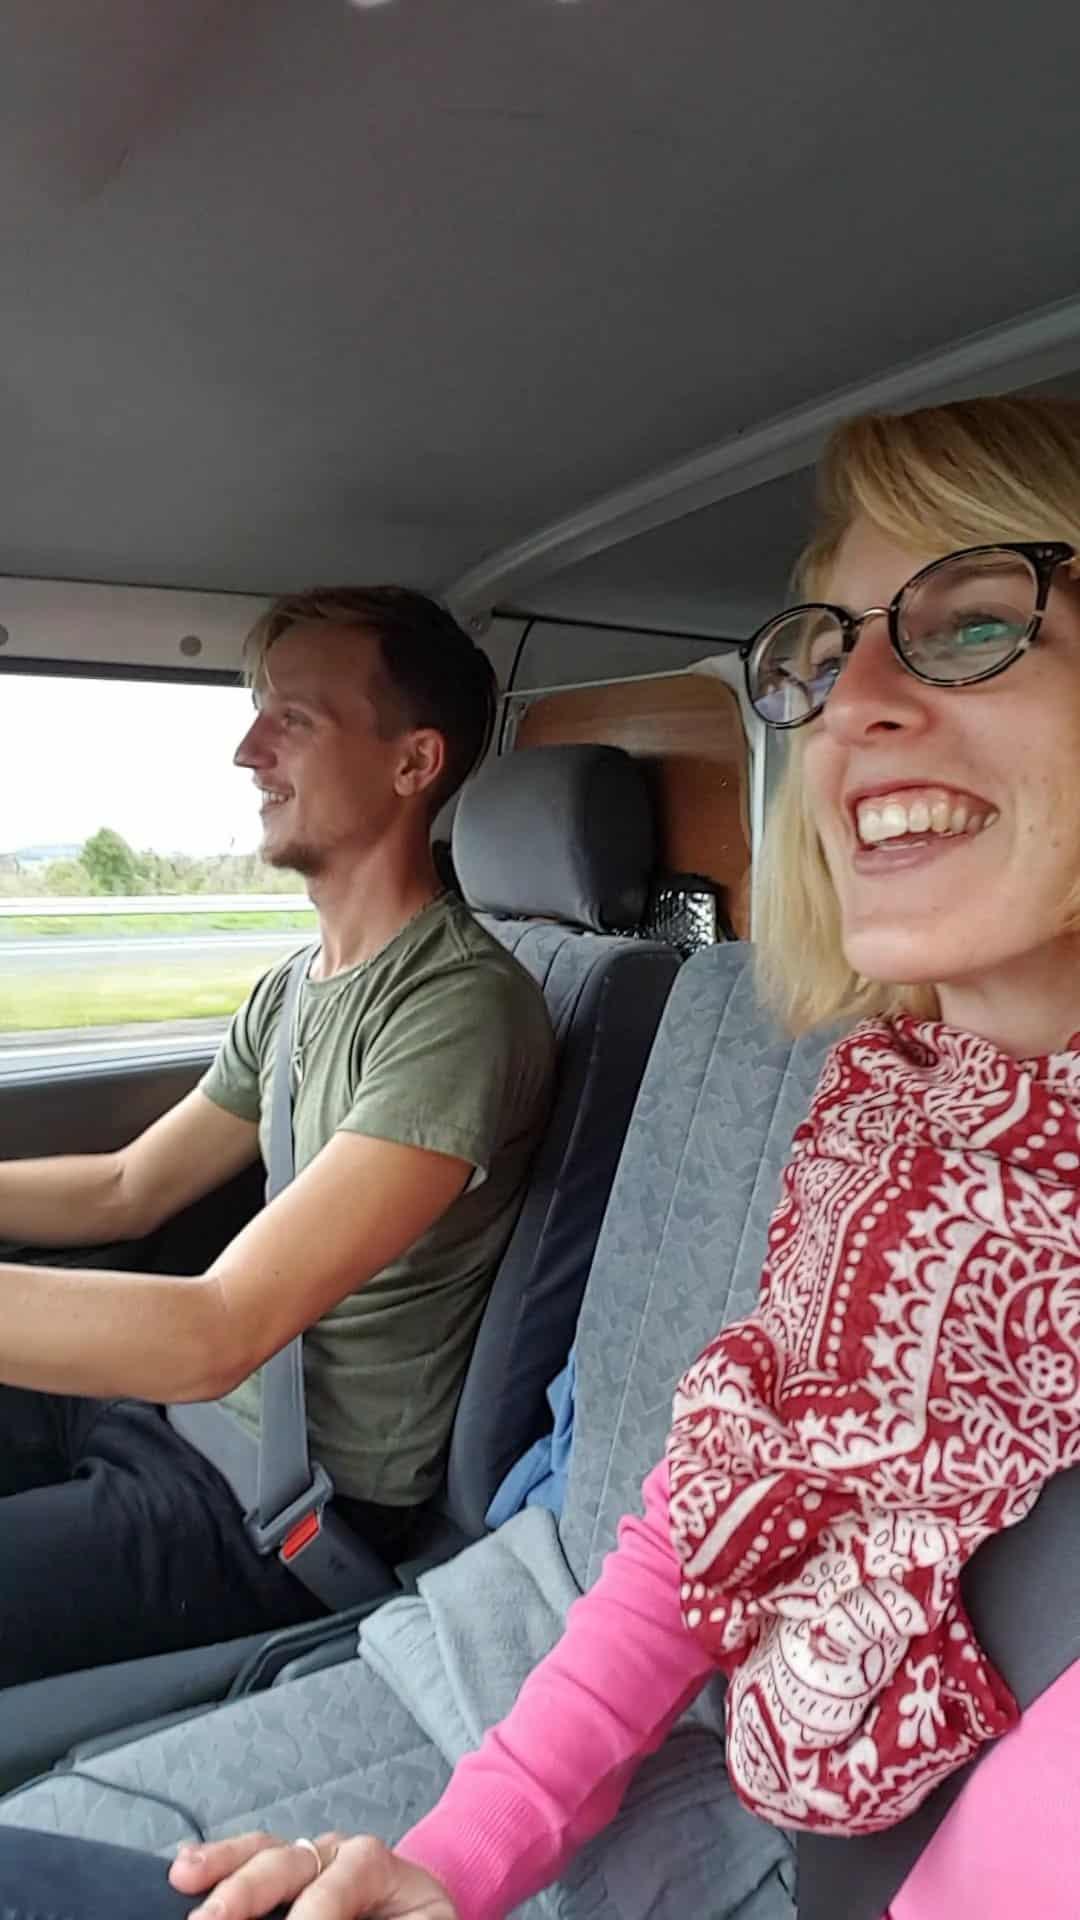 Nouvelle-Zélande, on prend enfin la route avec notre van ! 🚀 5